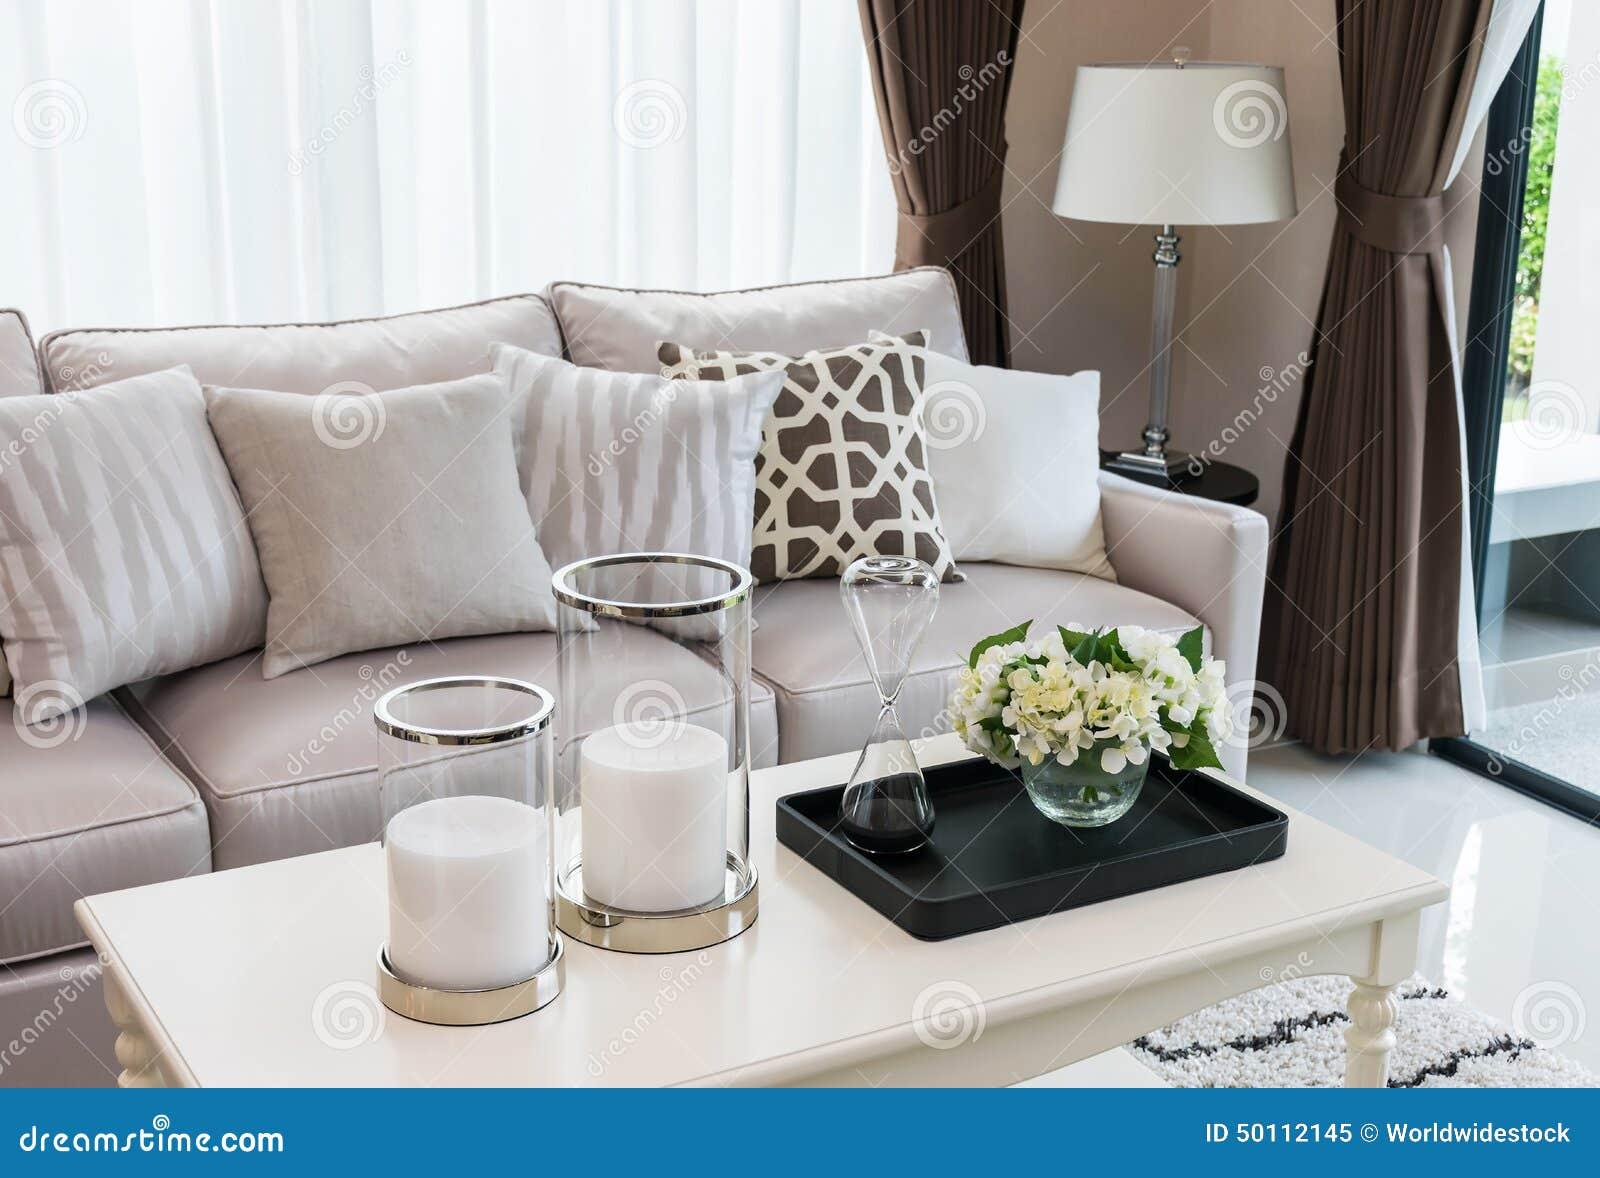 Lampe wohnzimmer design lampen 2017 modernes haus